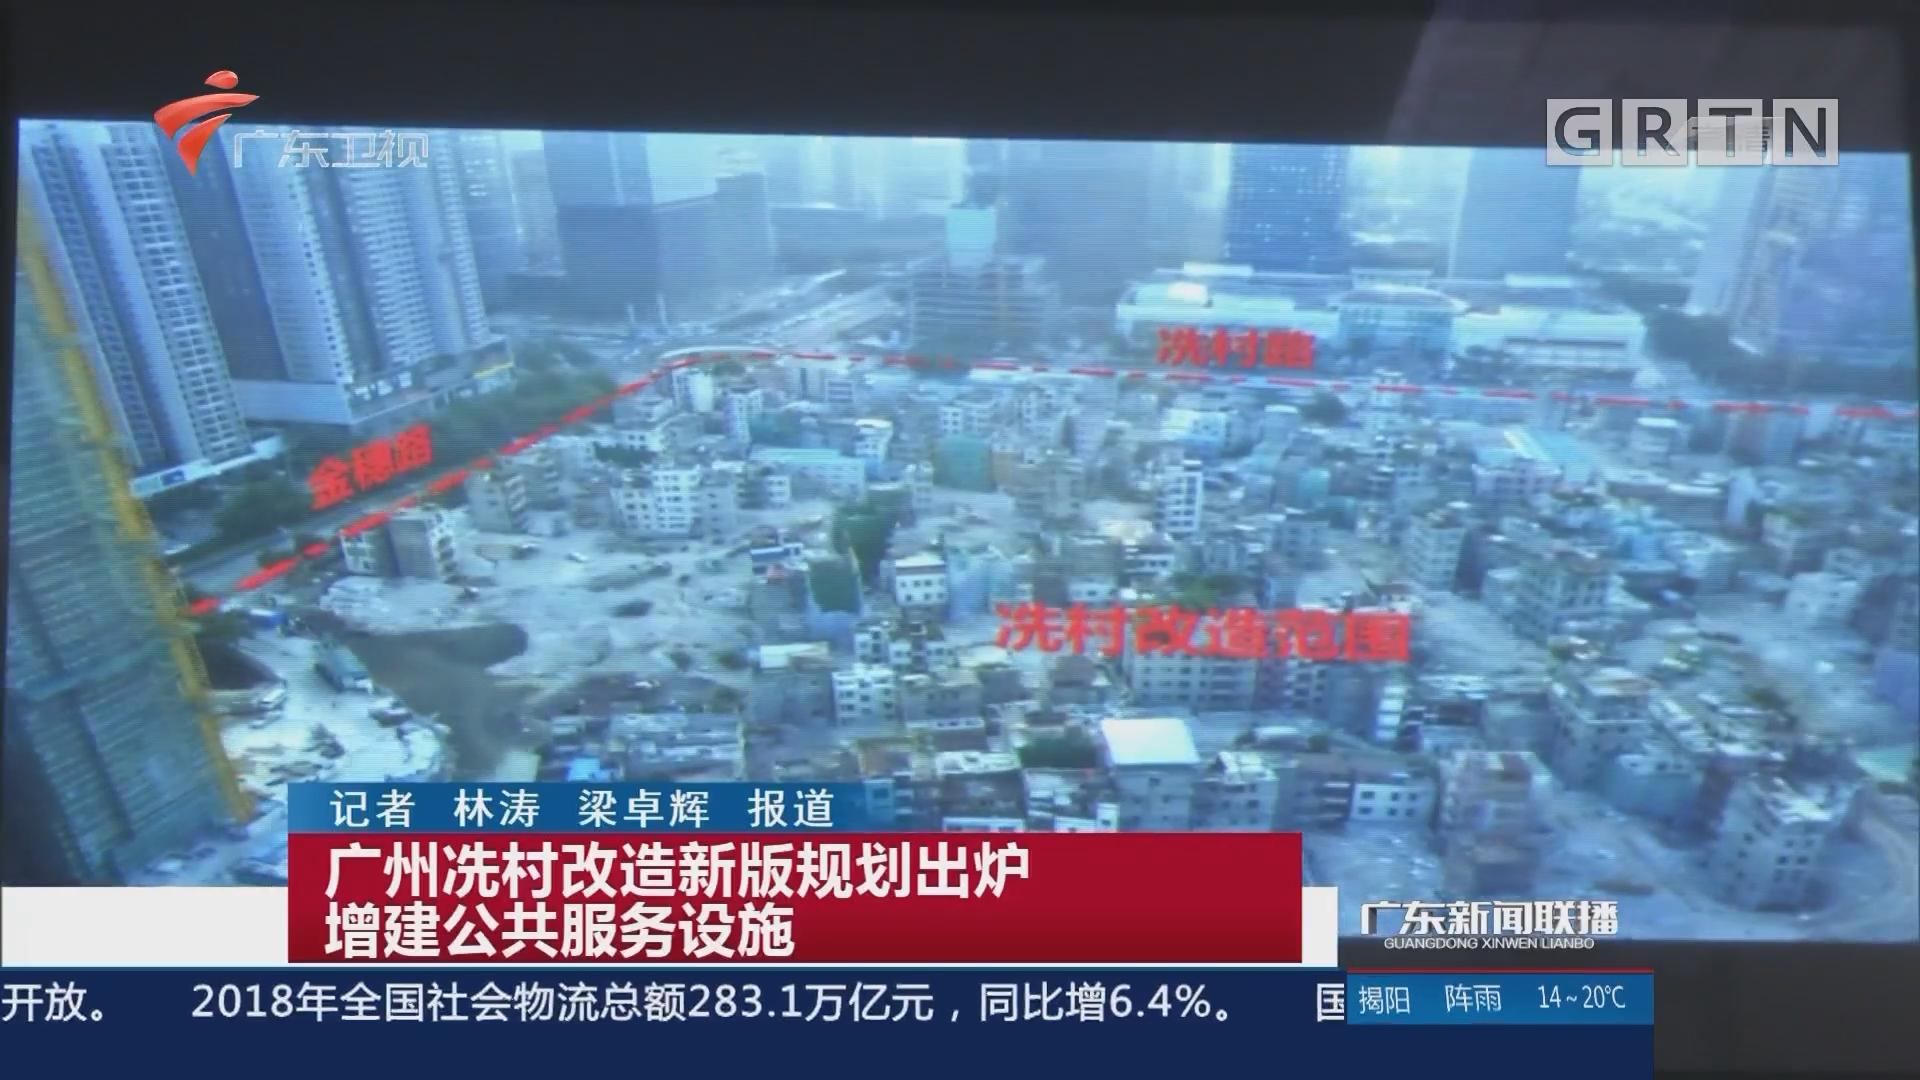 广州冼村改造新版规划出炉 增建公共服务设施